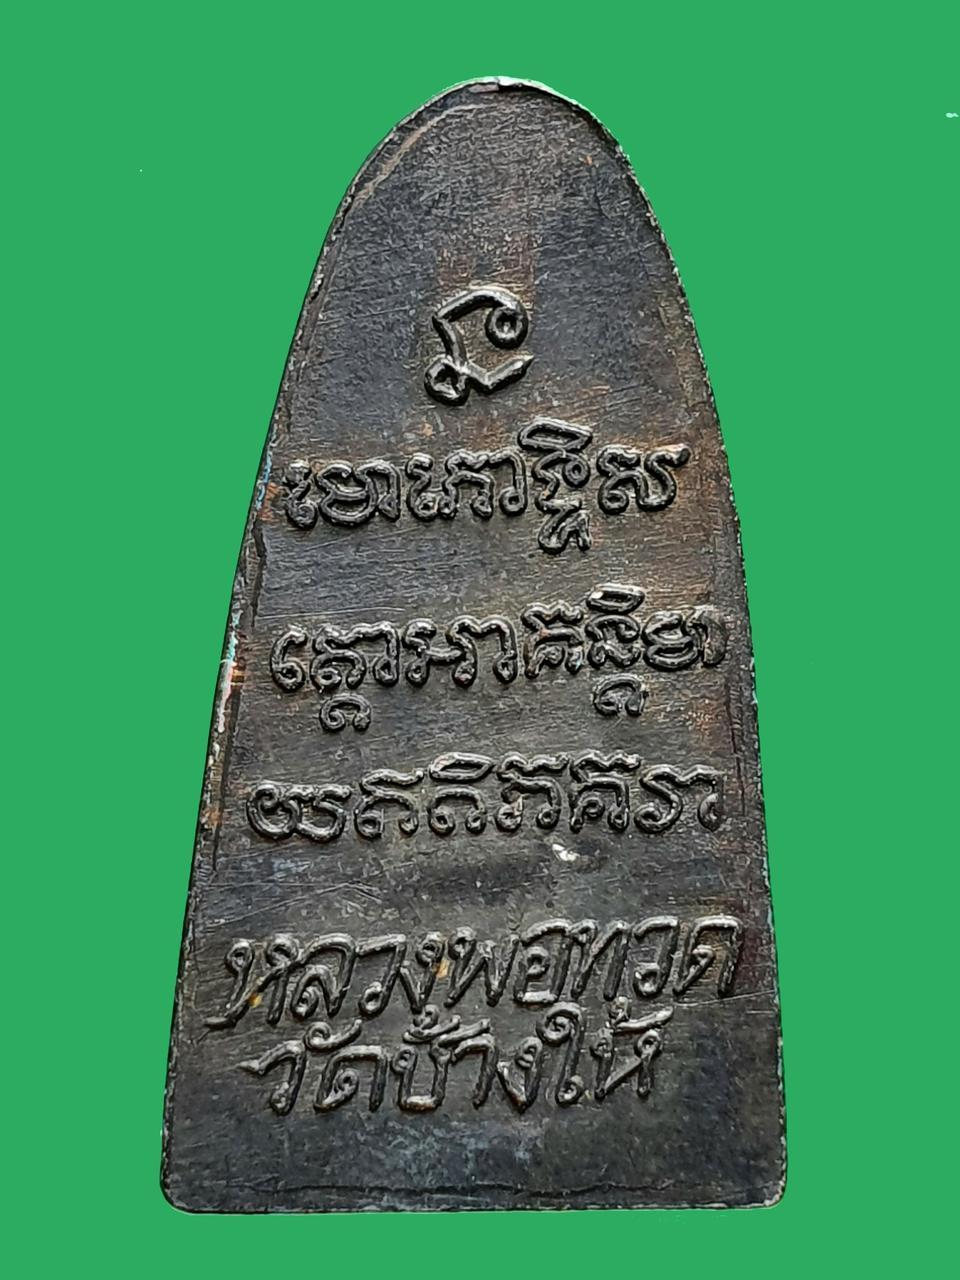 พระหลวงปู่ทวด เตารีดหลังหนัง พิมพ์เล็ก ท. วัดช้างให้ ปี 2506 รูปที่ 2